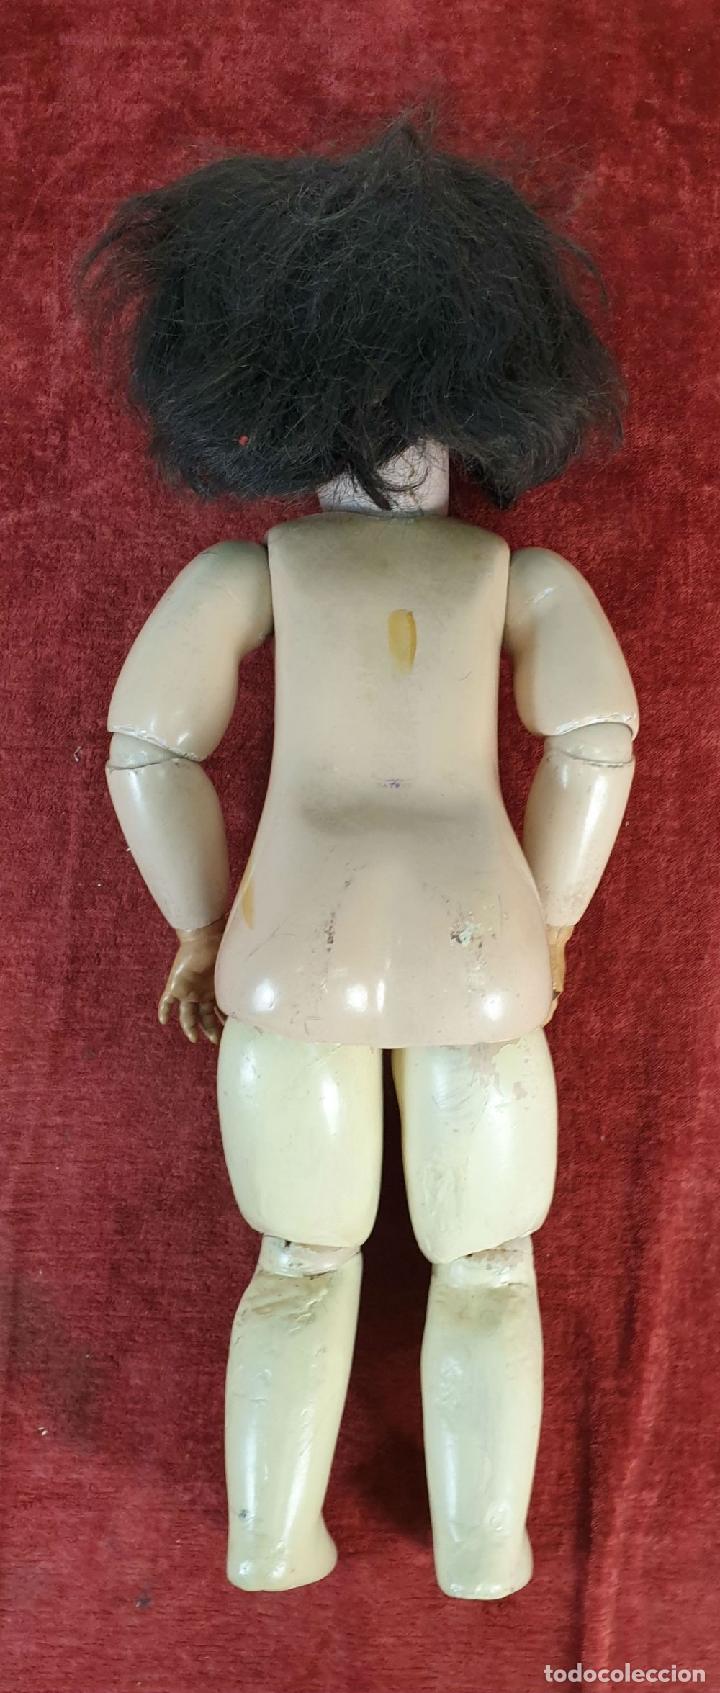 Muñecas Porcelana: MUÑECA. CUERPO DE COMPOSICIÓN. CABEZA DE PORCELANA. S AND CIE. ALEMANIA. SIGLO XX - Foto 9 - 196566098